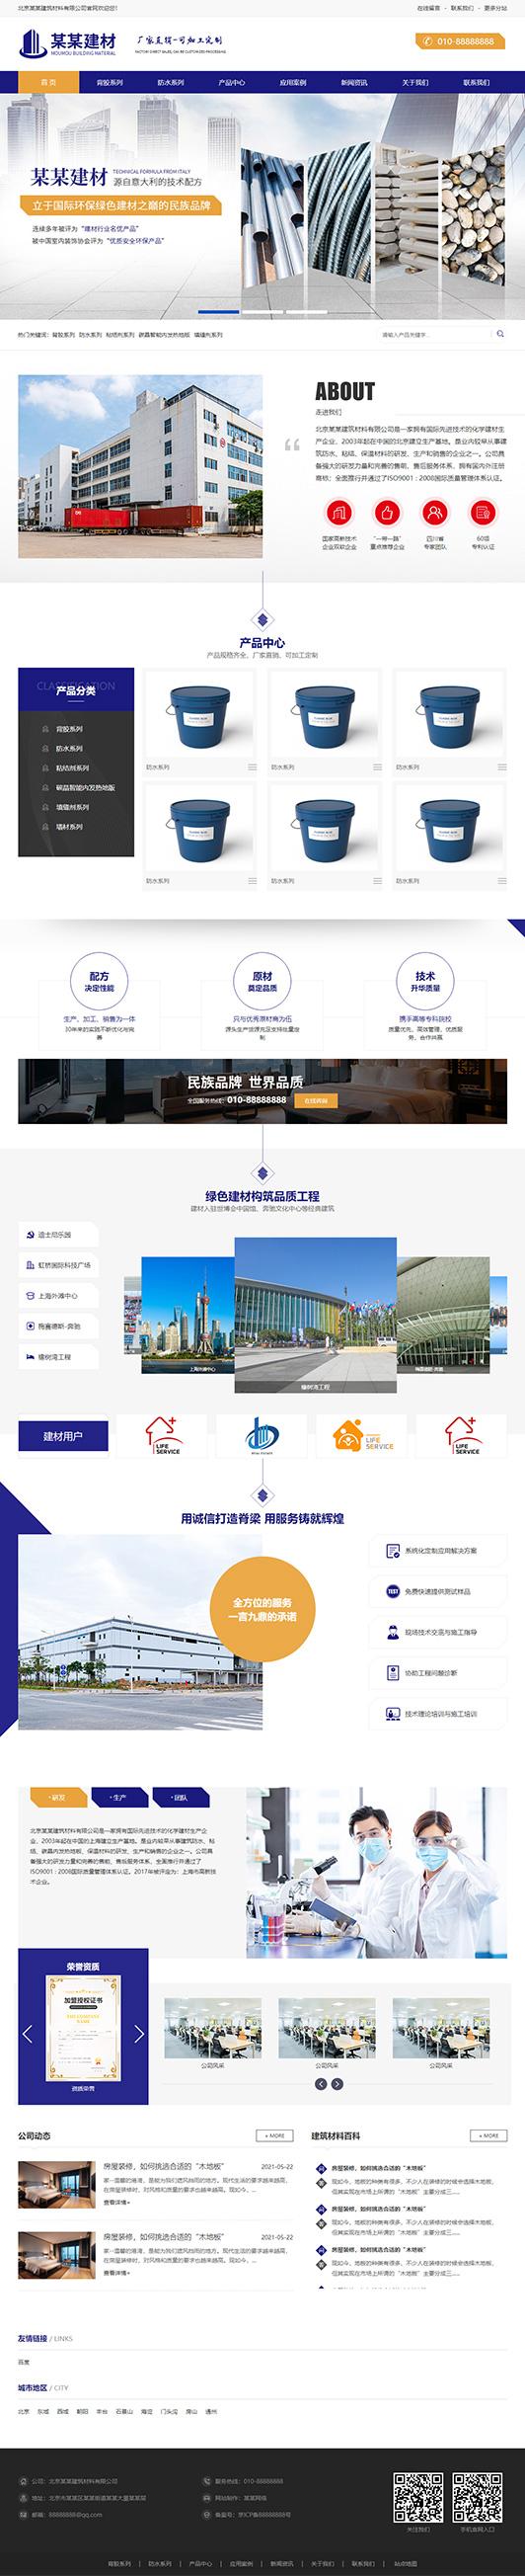 建筑材料有限公司通用响应式模板